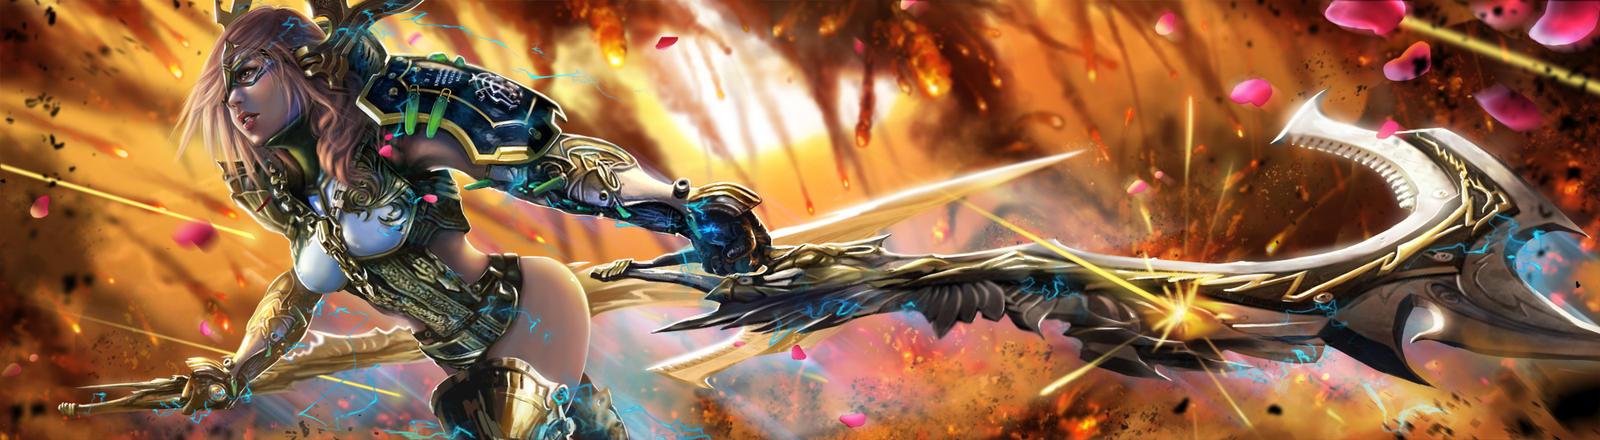 Odin God Armor